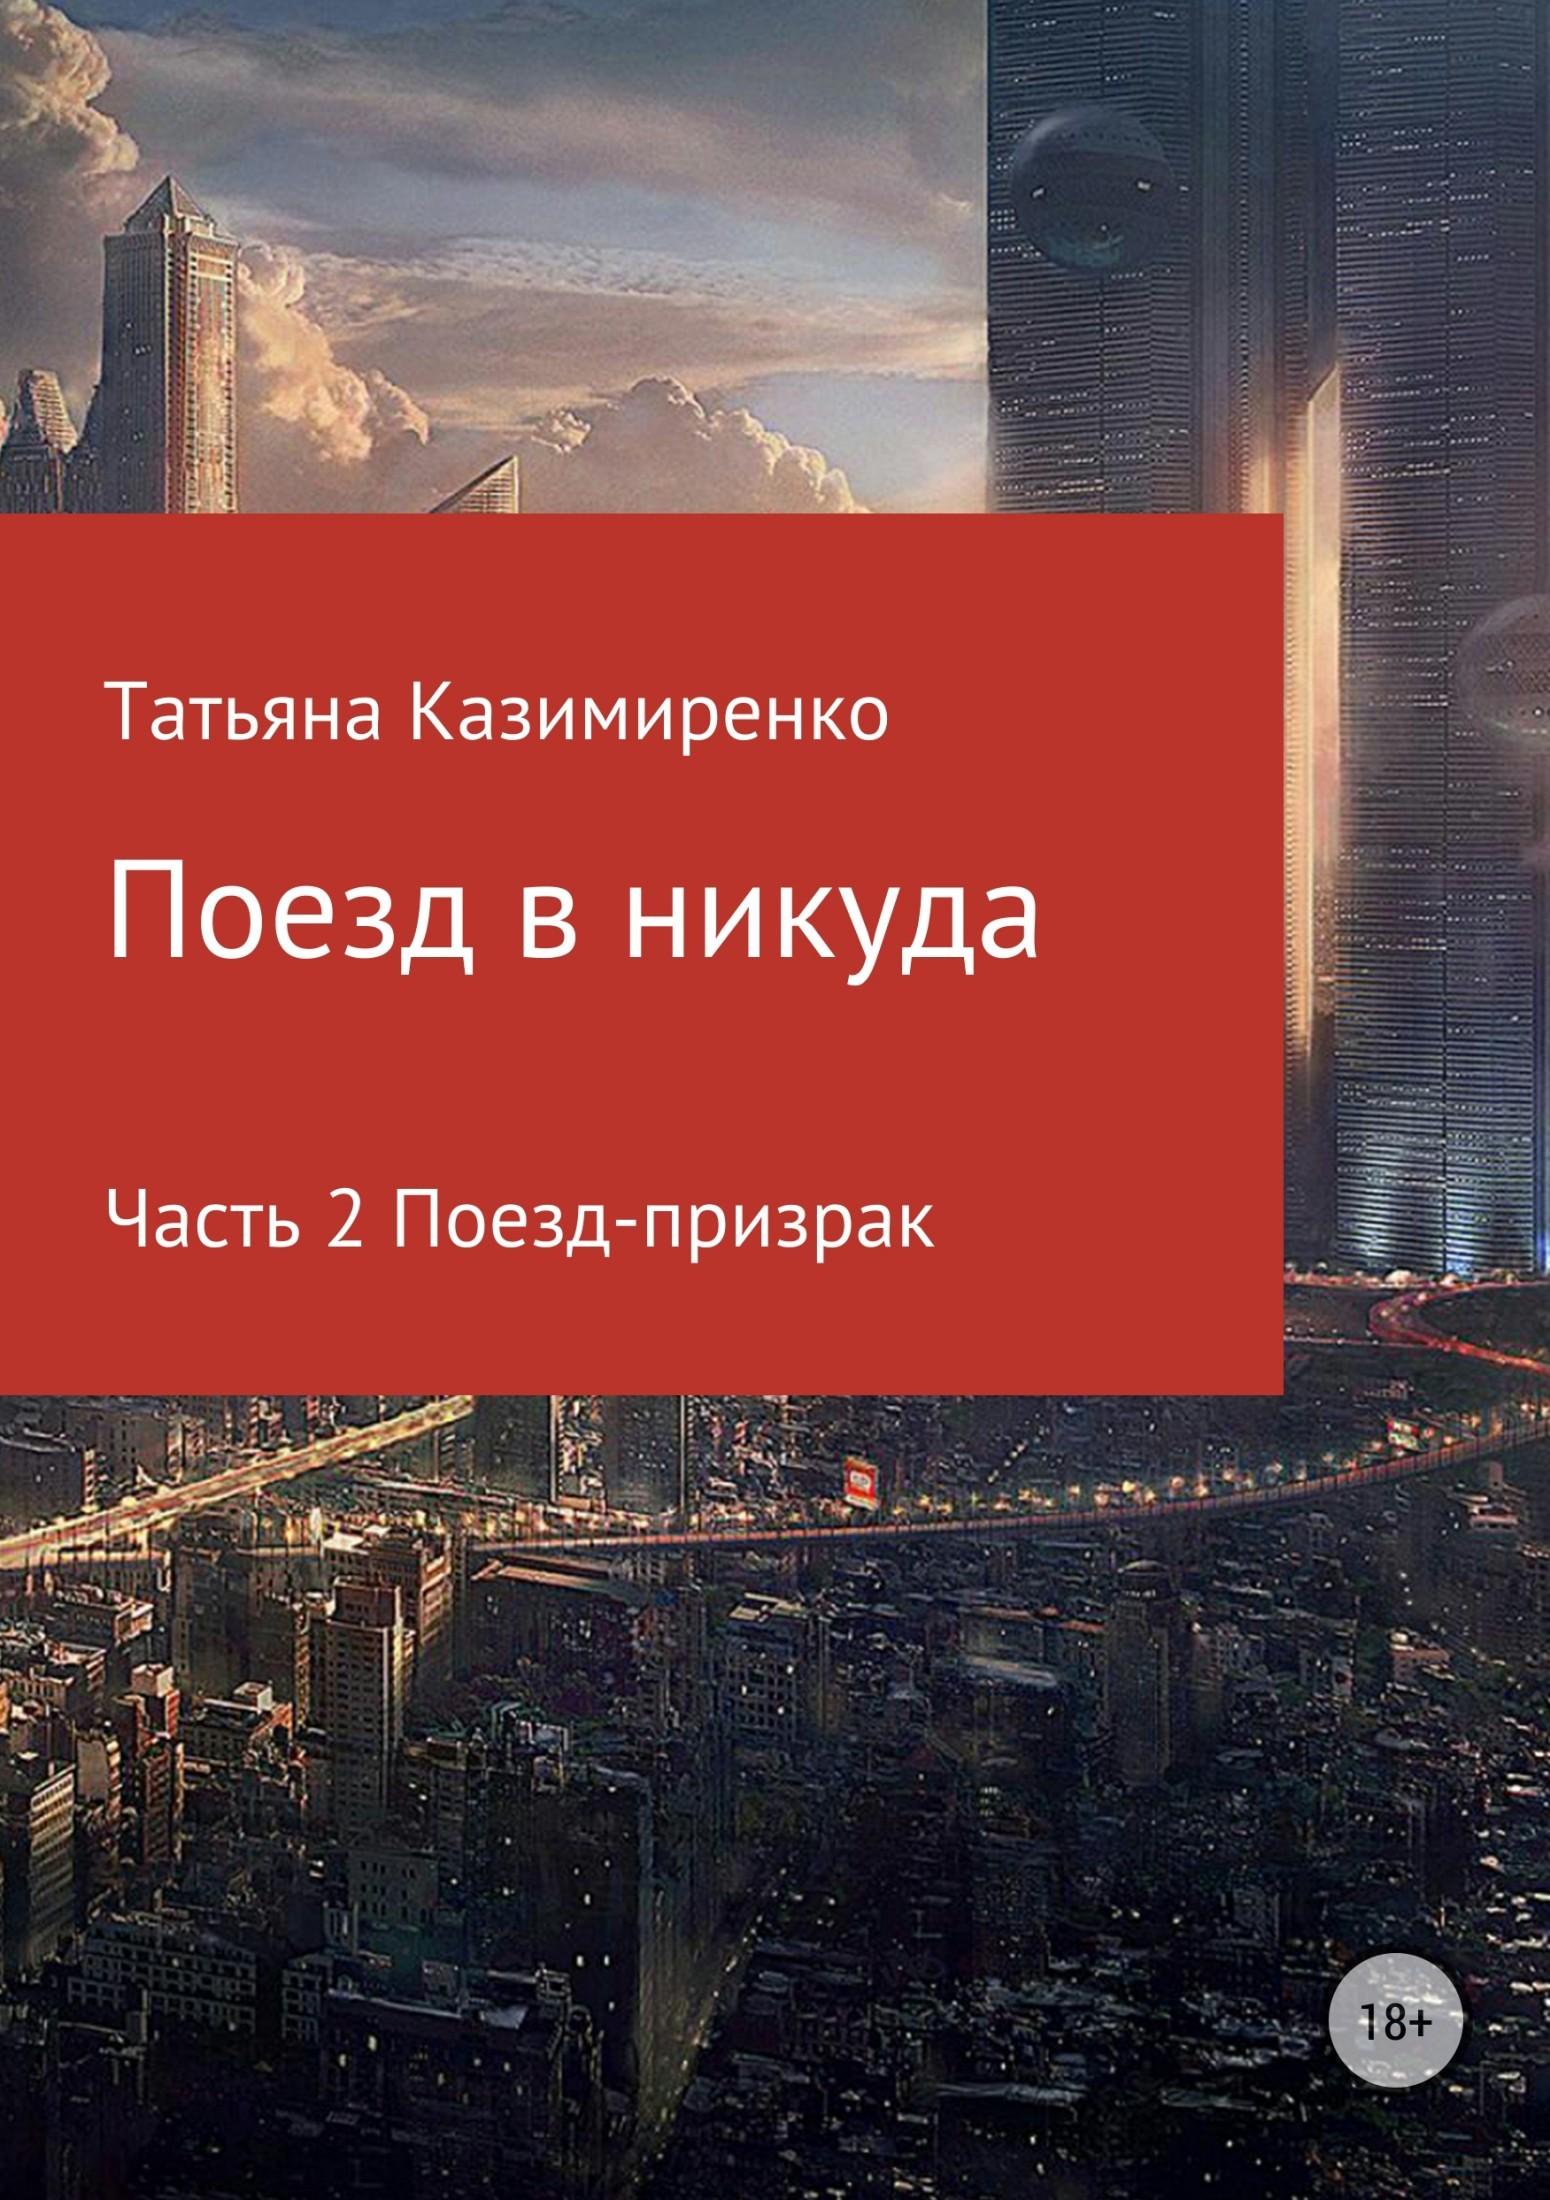 Татьяна Казимиренко - Поезд в никуда. Часть 2. Поезд-призрак